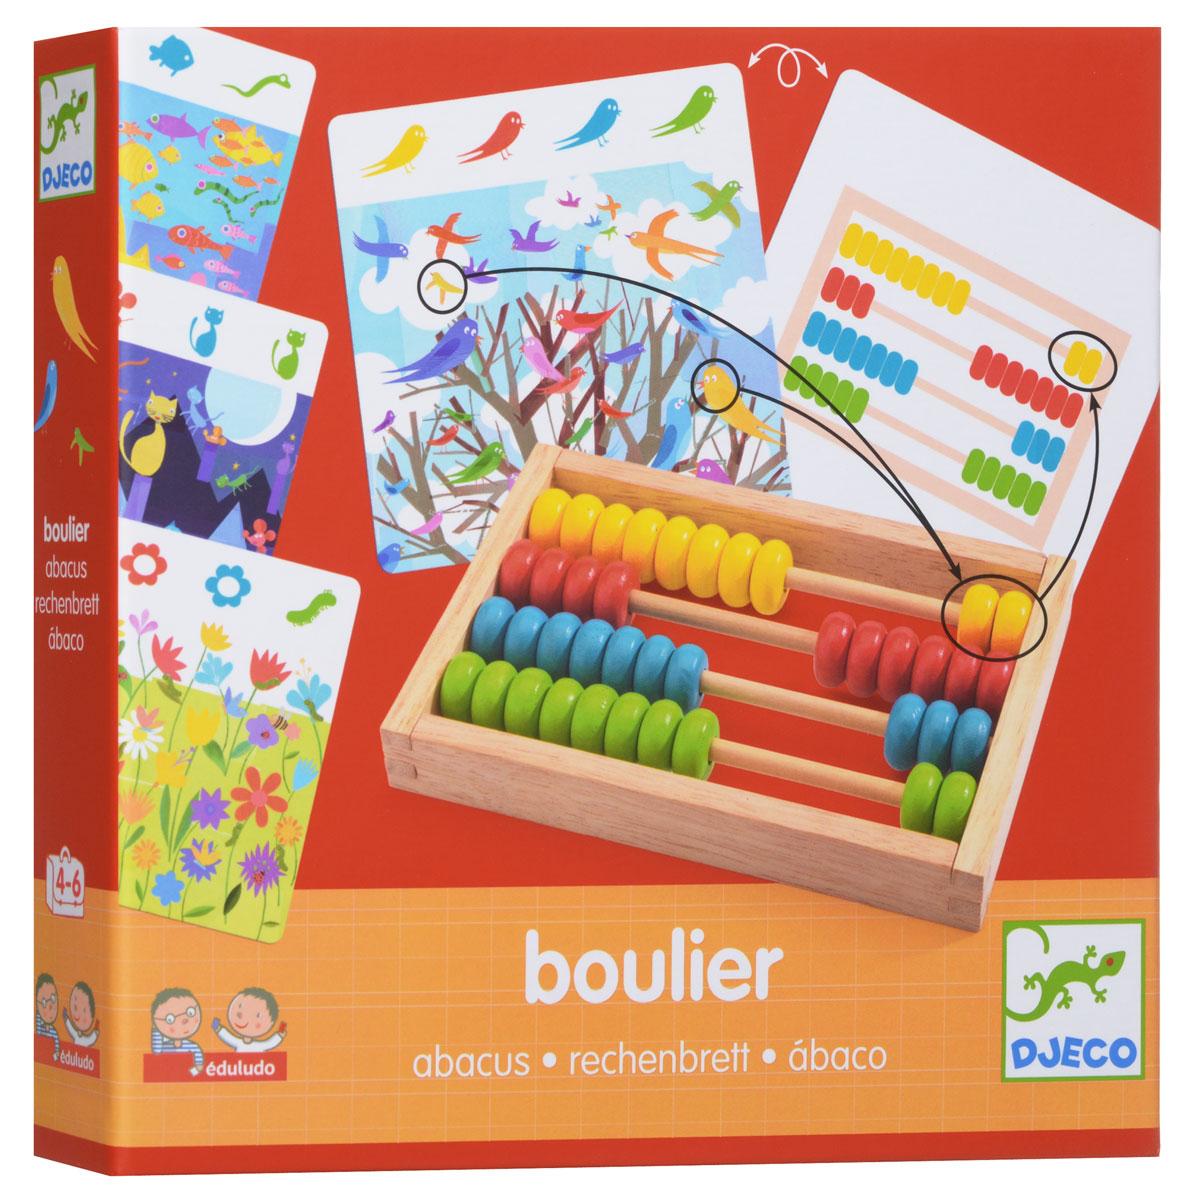 Djeco Обучающая игра Счеты08352Обучающая игра Djeco Счеты - это превосходный игровой набор, который научит малыша считать. В набор входят красочные интересные карточки, а также счеты с четырьмя рядами разноцветных костяшек. Смысл игры состоит в том, чтобы малыш сосчитал количество персонажей на карточке и перенес это количество на счеты согласно цветам. Яркие и красивые картинки с птичками, цветами, животными порадуют малыша и сделают игру очень интересной. Малышу обязательно понравится считать и рассматривать милых персонажей на карточках. Обучающая игра Djeco Счеты прекрасно подойдет в качестве развлечения для любого детского праздника. Игра развивает логическое мышление, сообразительность и внимательность ребенка, учит его усидчивости и терпению.